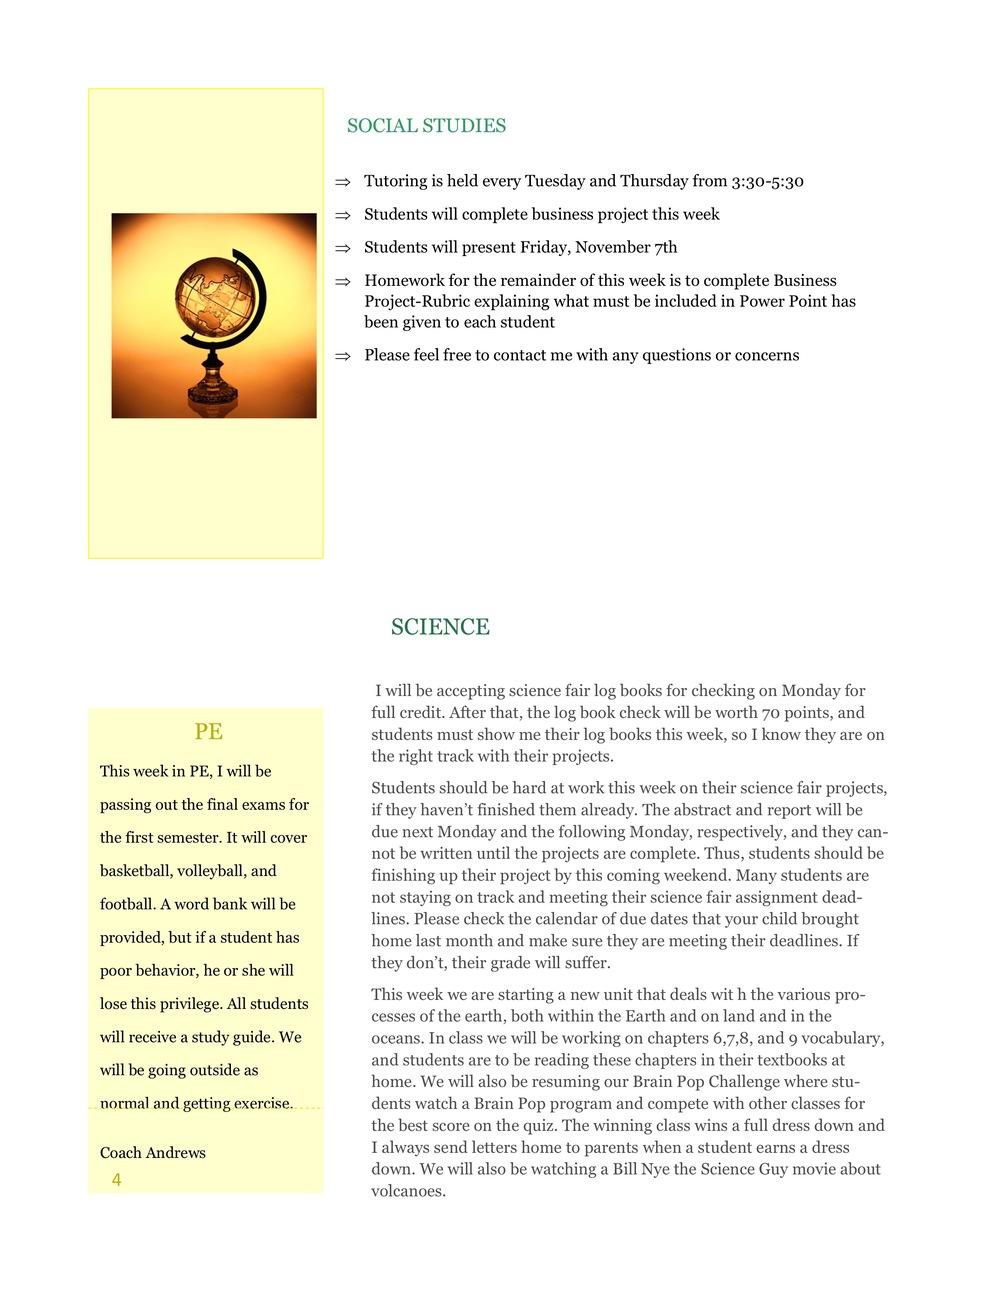 Newsletter ImageNovember 3-7 4.jpeg